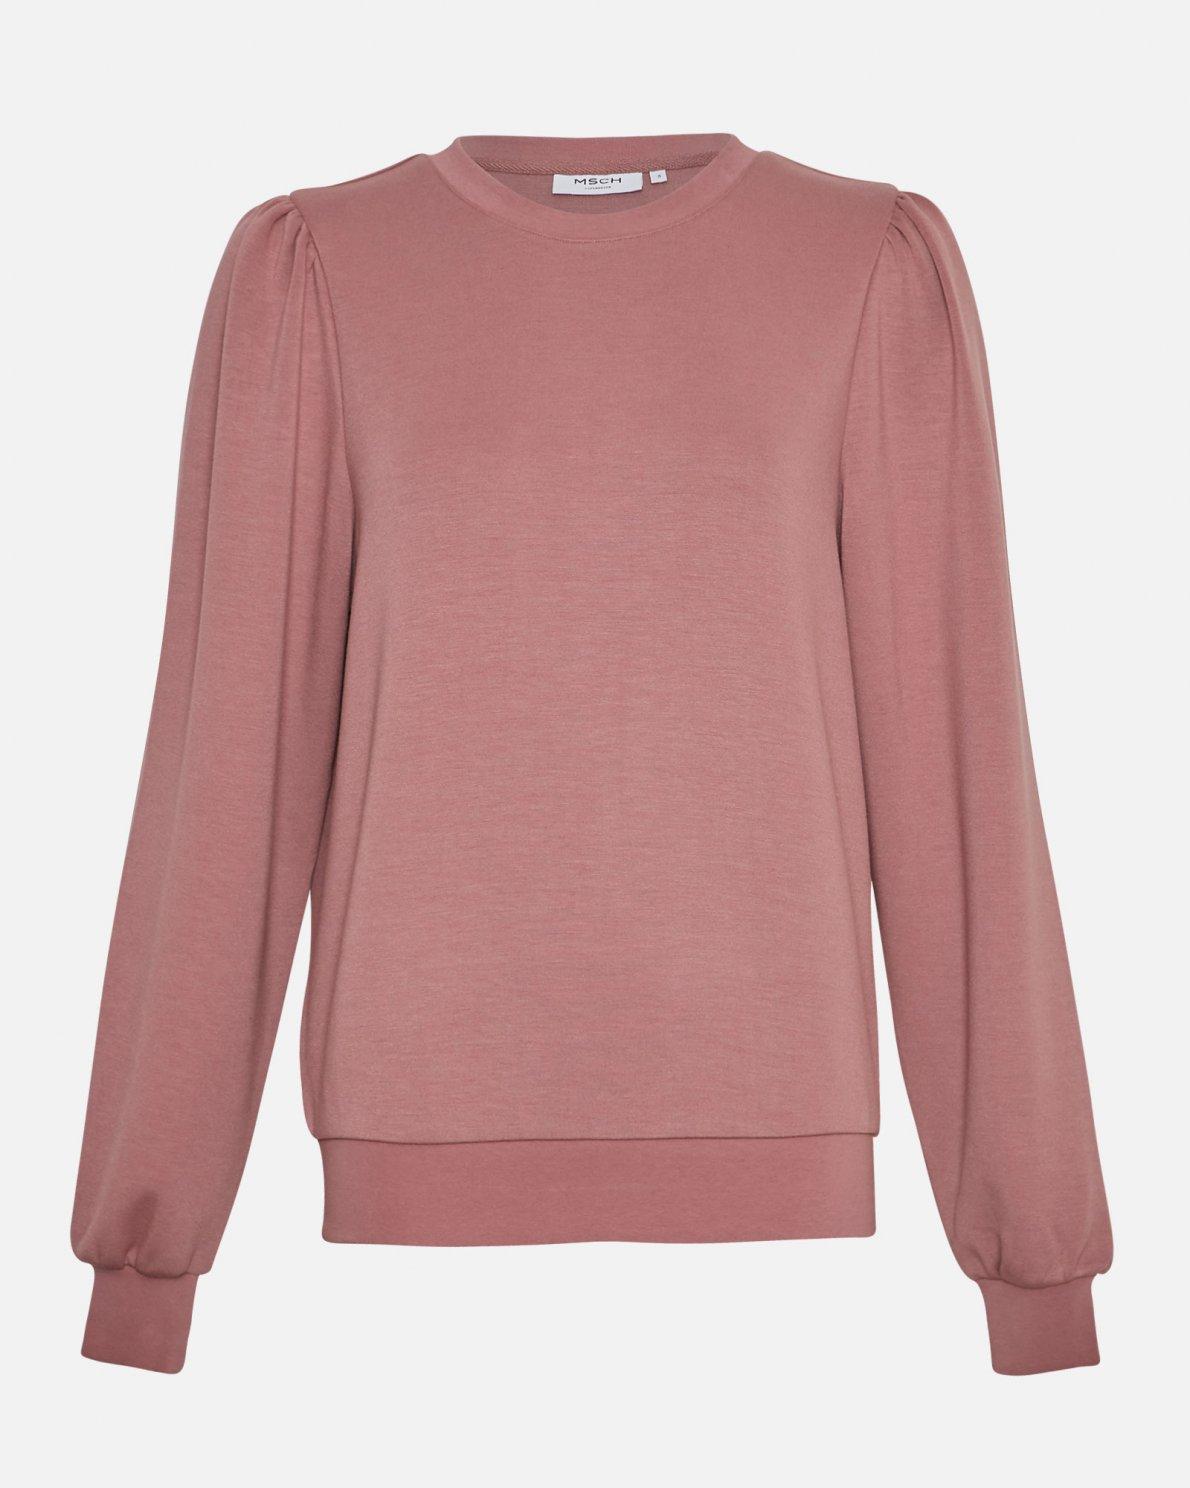 moss-copenhagen-ima-puff-sweatshirt_1190x1488c (1)